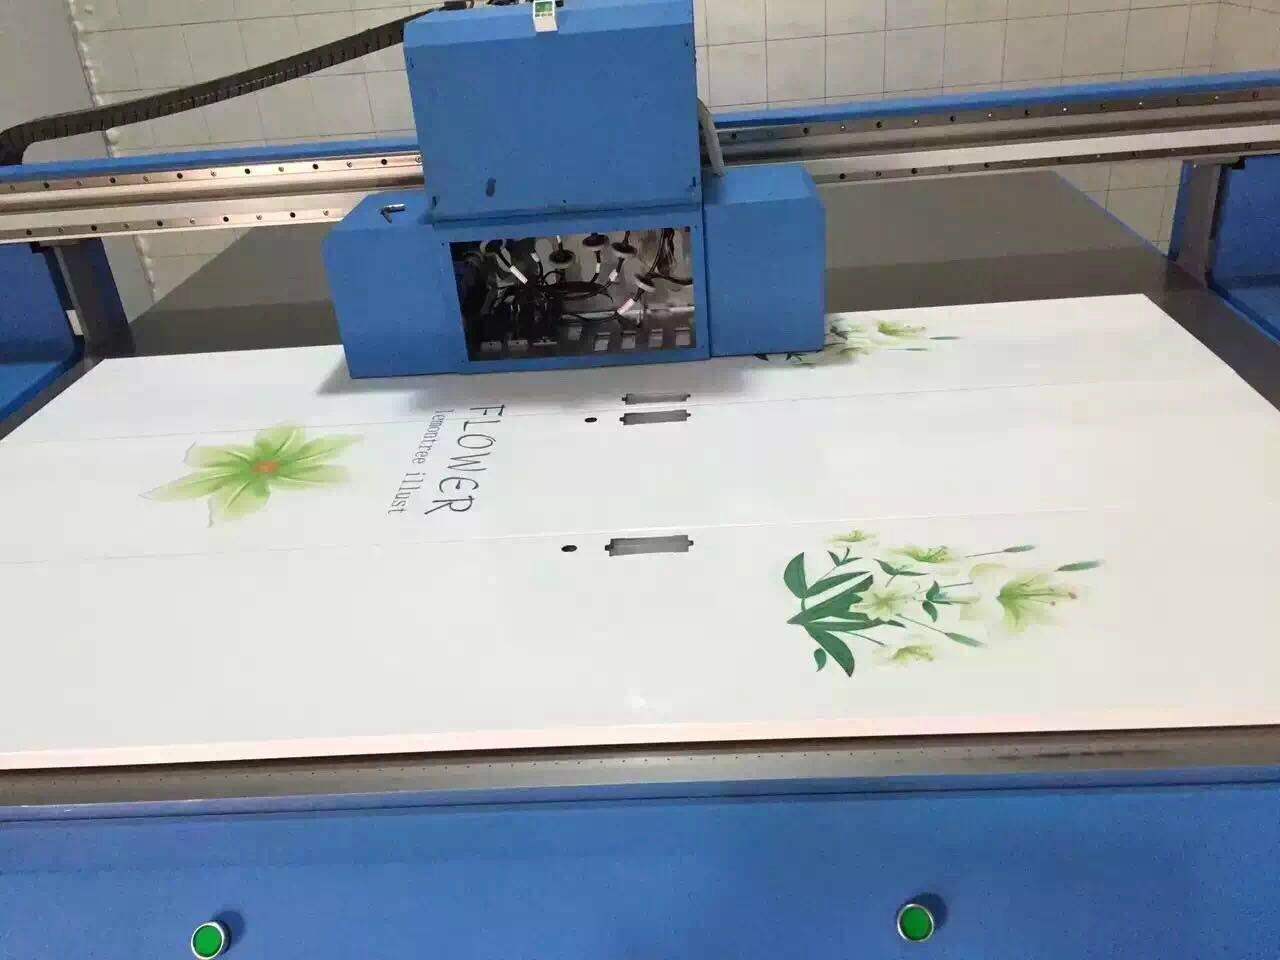 木板板材衣橱门柜图案定制镜面打印 4